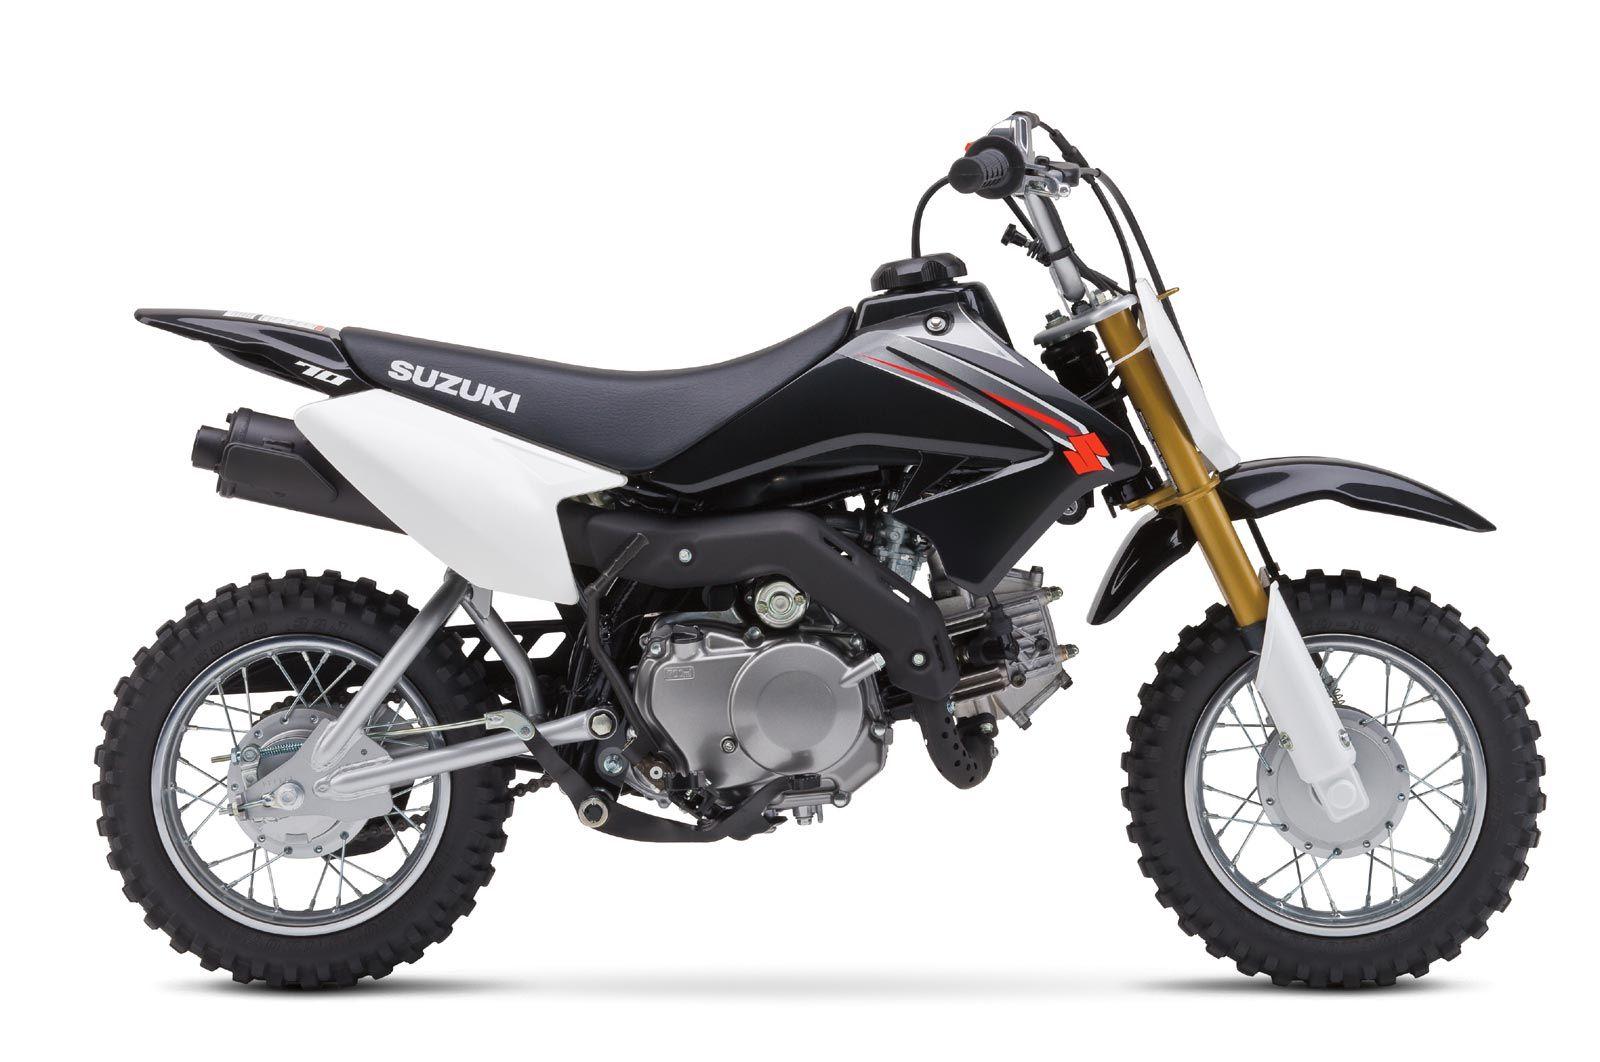 2009 Suzuki Dr 70 Motos Clasicas Motos Fotos